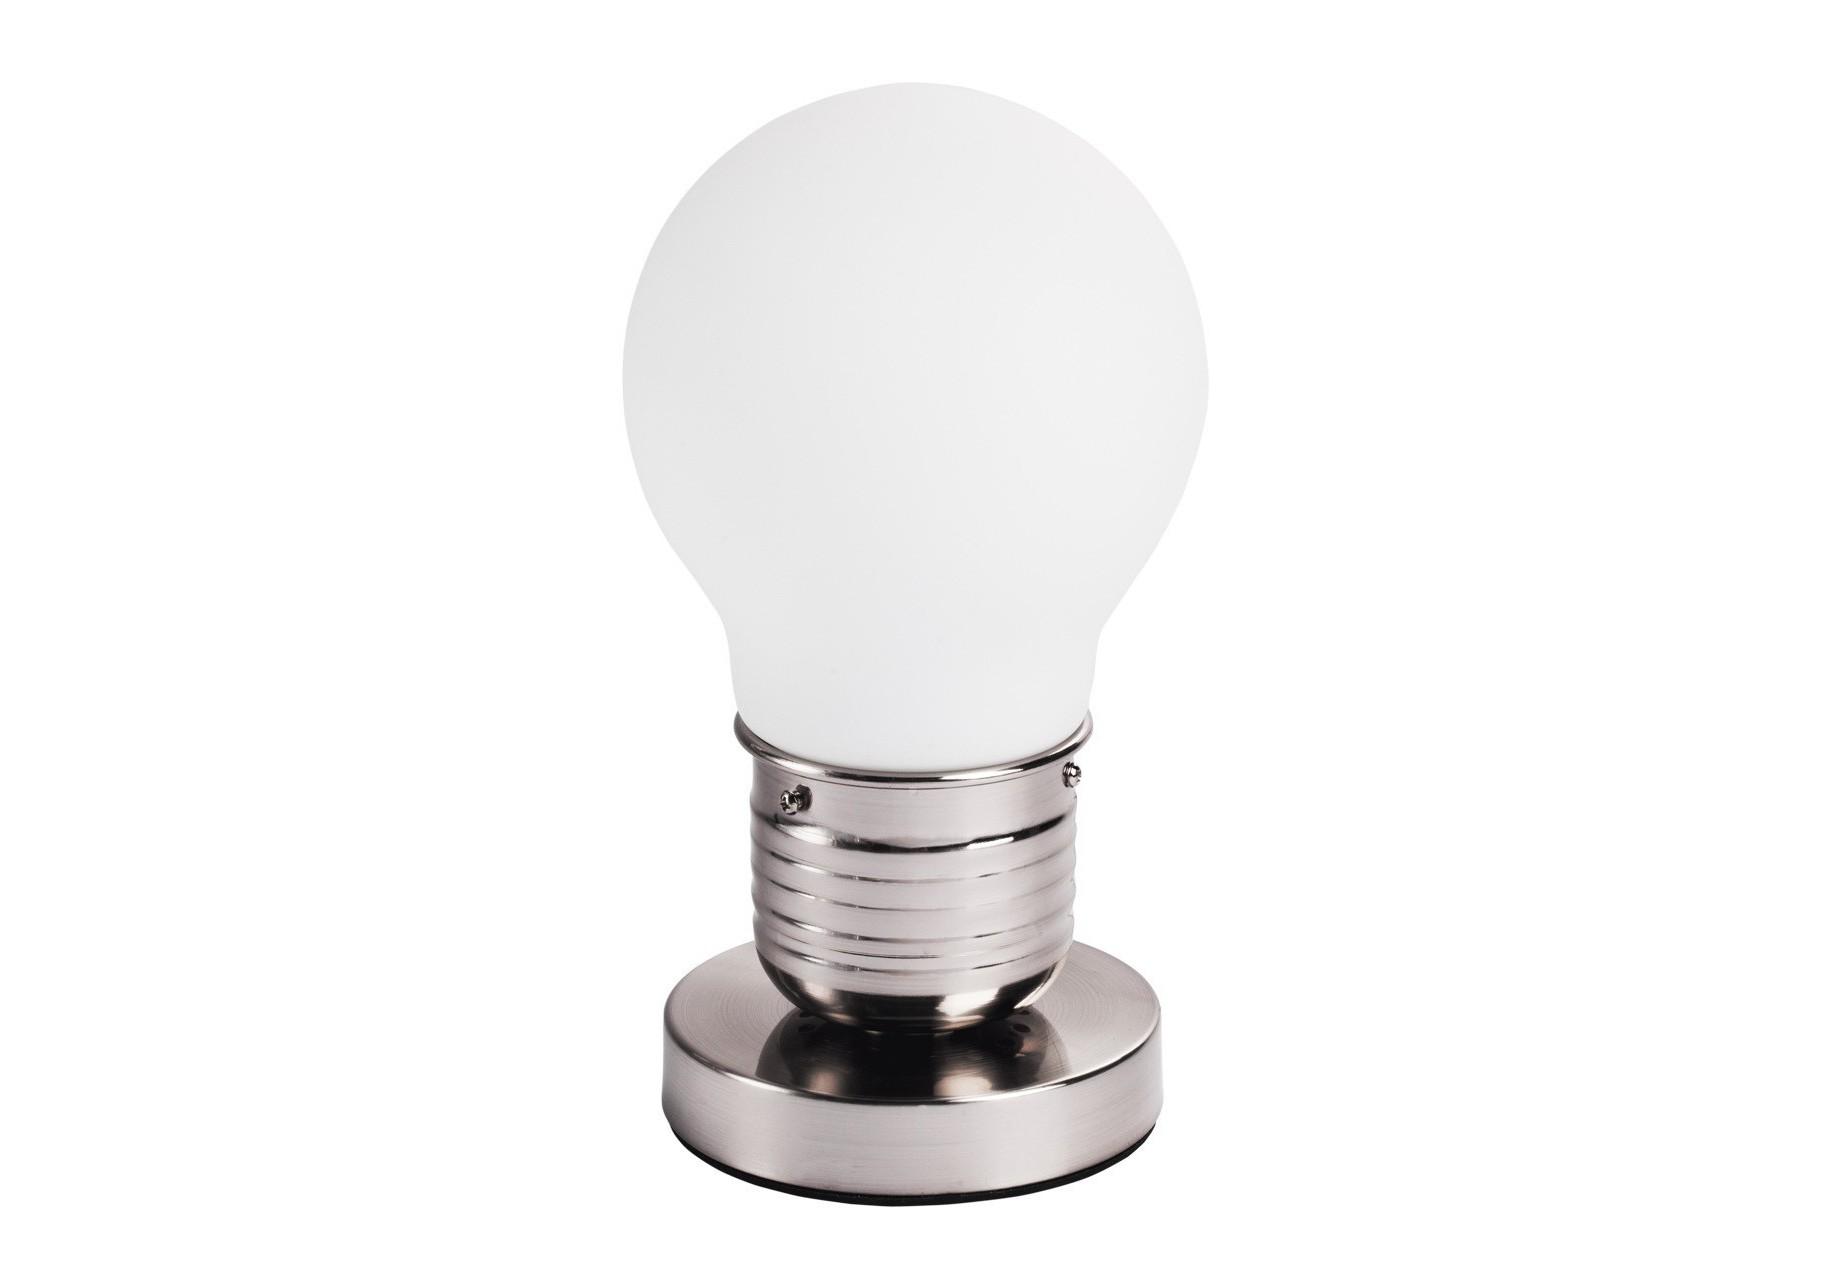 Настольная лампа ЭдисонНастольные лампы<br>Цоколь: E27,&amp;amp;nbsp;&amp;lt;div&amp;gt;Мощность лампы: 60W,&amp;amp;nbsp;&amp;lt;/div&amp;gt;&amp;lt;div&amp;gt;Количество ламп: 1&amp;amp;nbsp;&amp;lt;/div&amp;gt;&amp;lt;div&amp;gt;Без лампочек в комплекте.&amp;lt;/div&amp;gt;<br><br>Material: Стекло<br>Height см: 26<br>Diameter см: 16